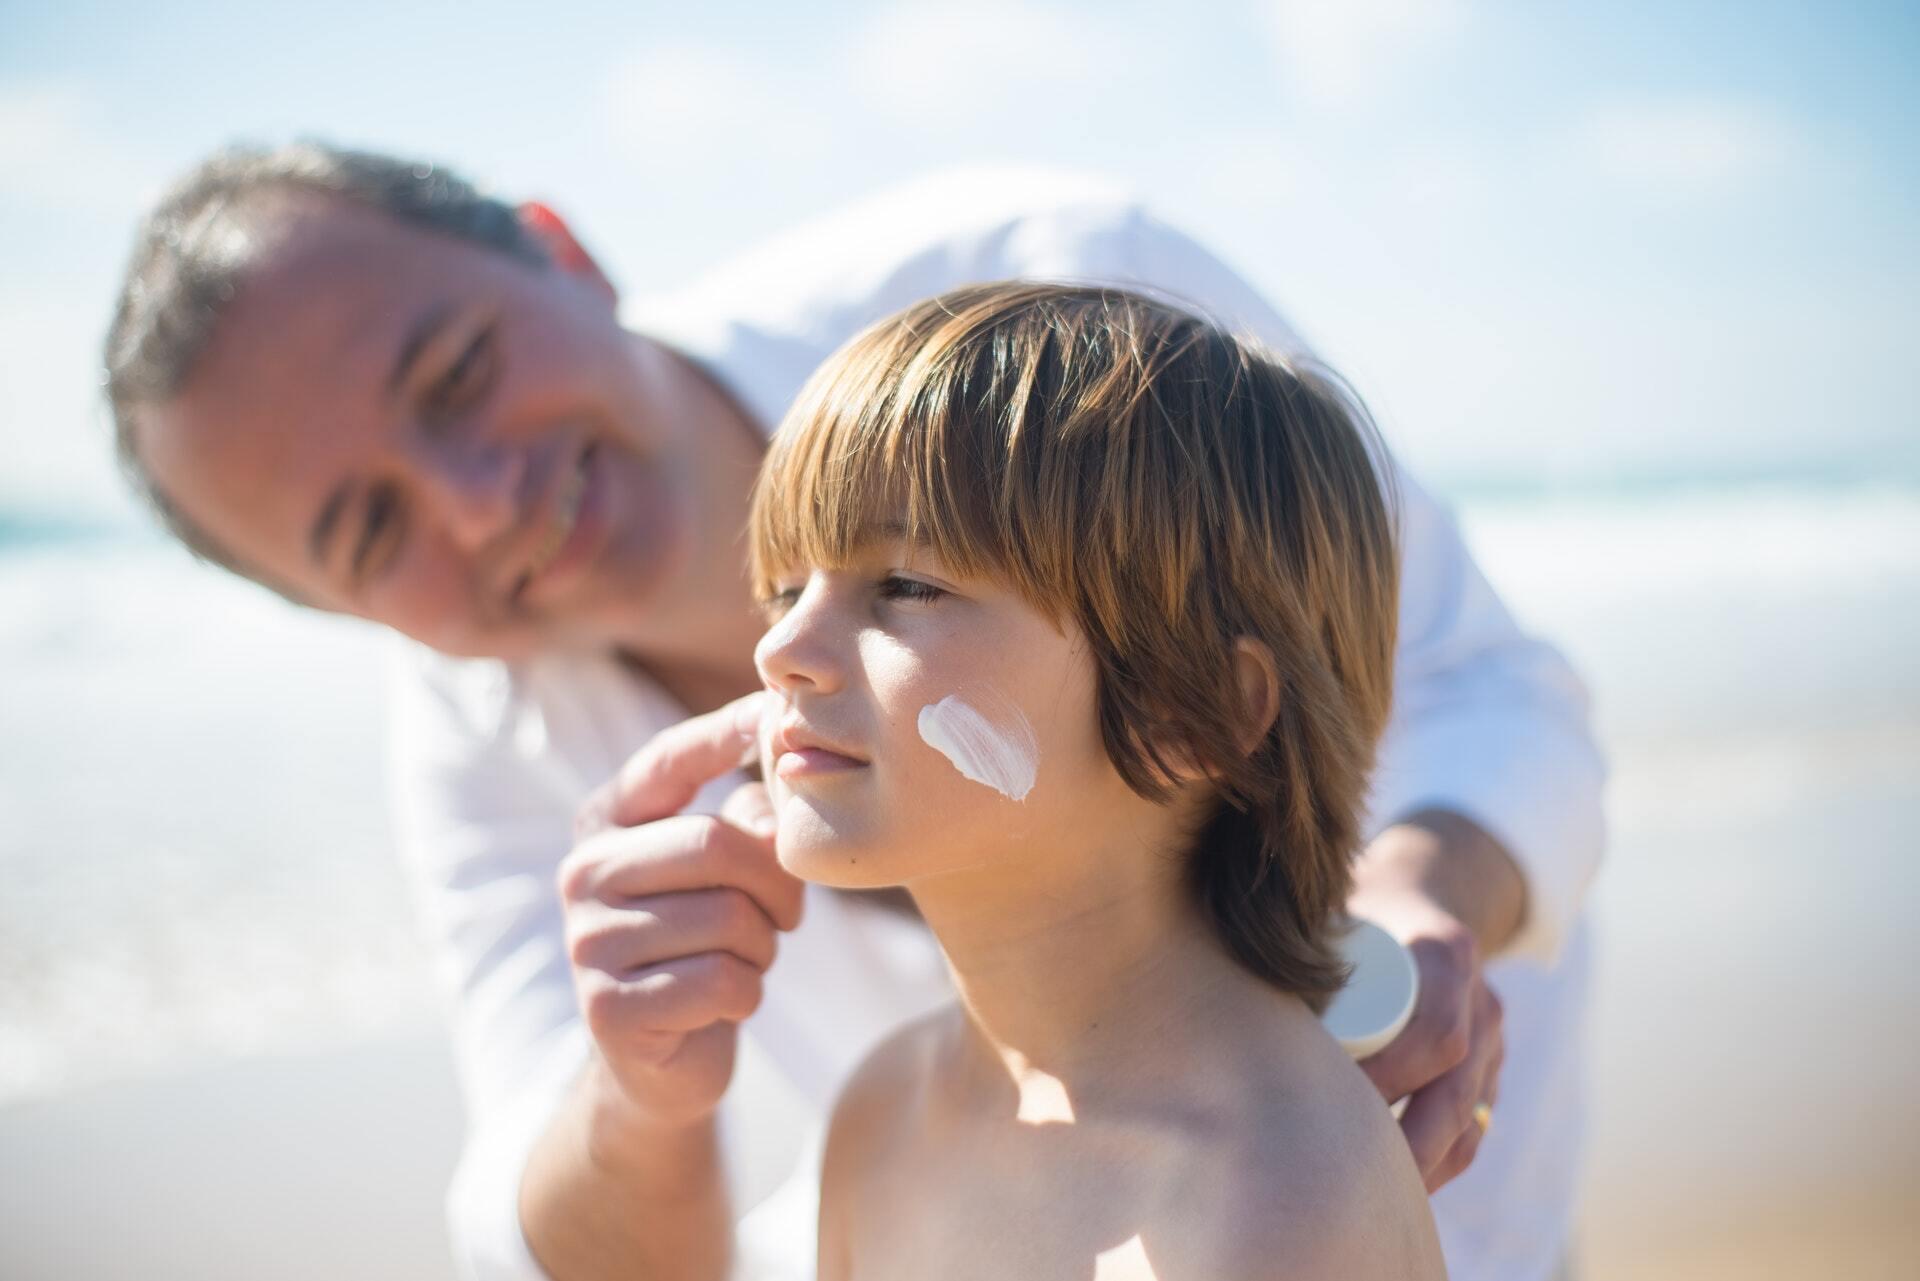 Дітям у віці до трьох років перебування на сонці бажано обмежити